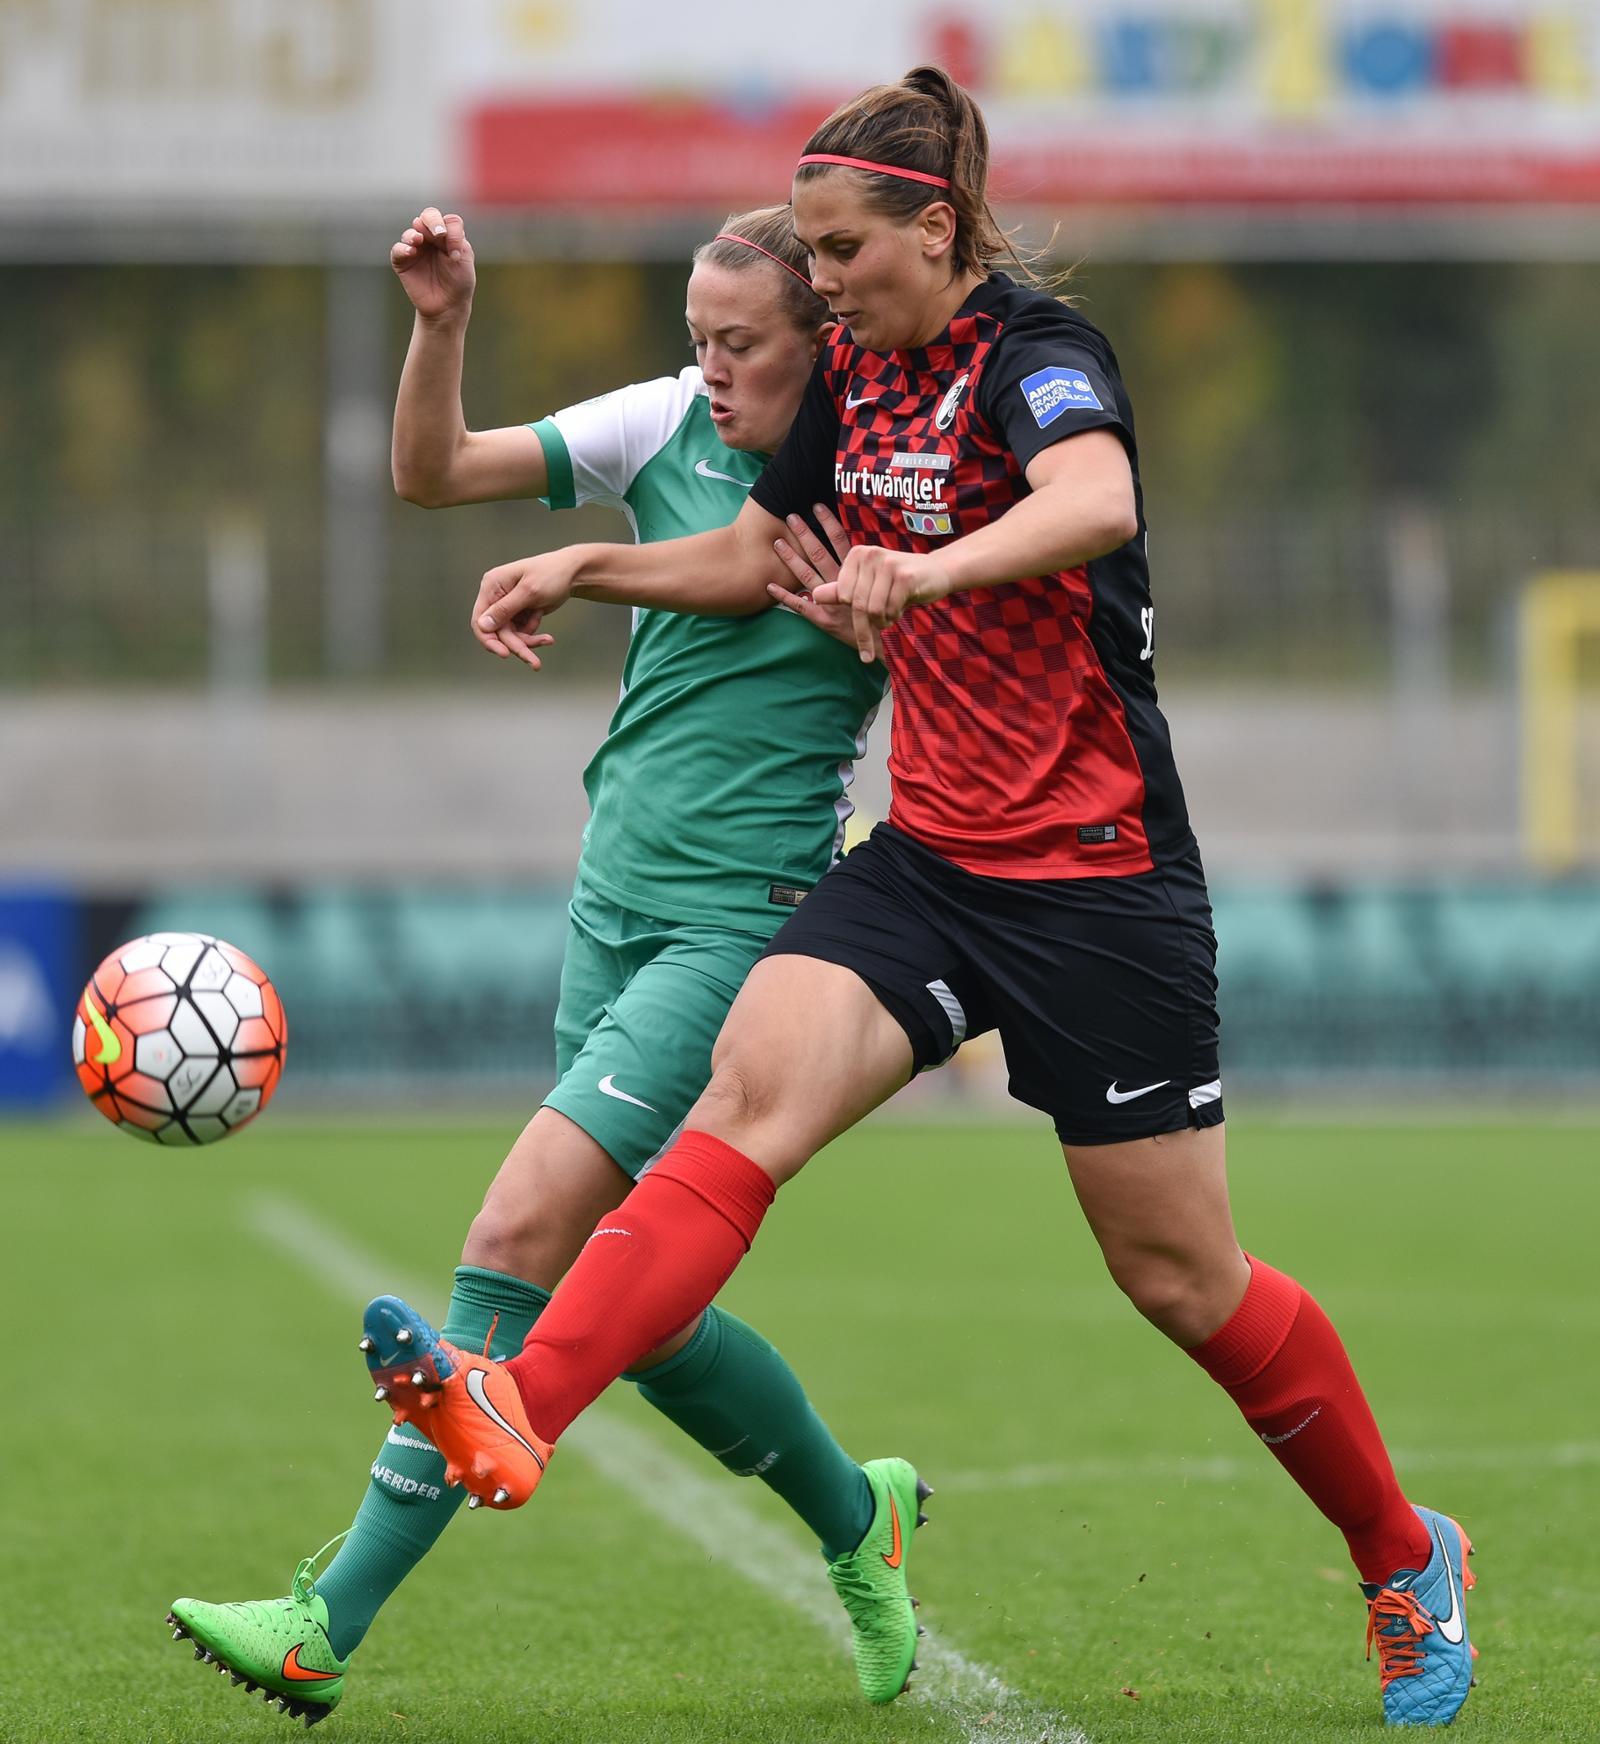 SC Freiburg - Werder Bremen - 1. Frauen-Bundesliga: SC Freiburg - SV Werder Bremen 2:2 (1:1